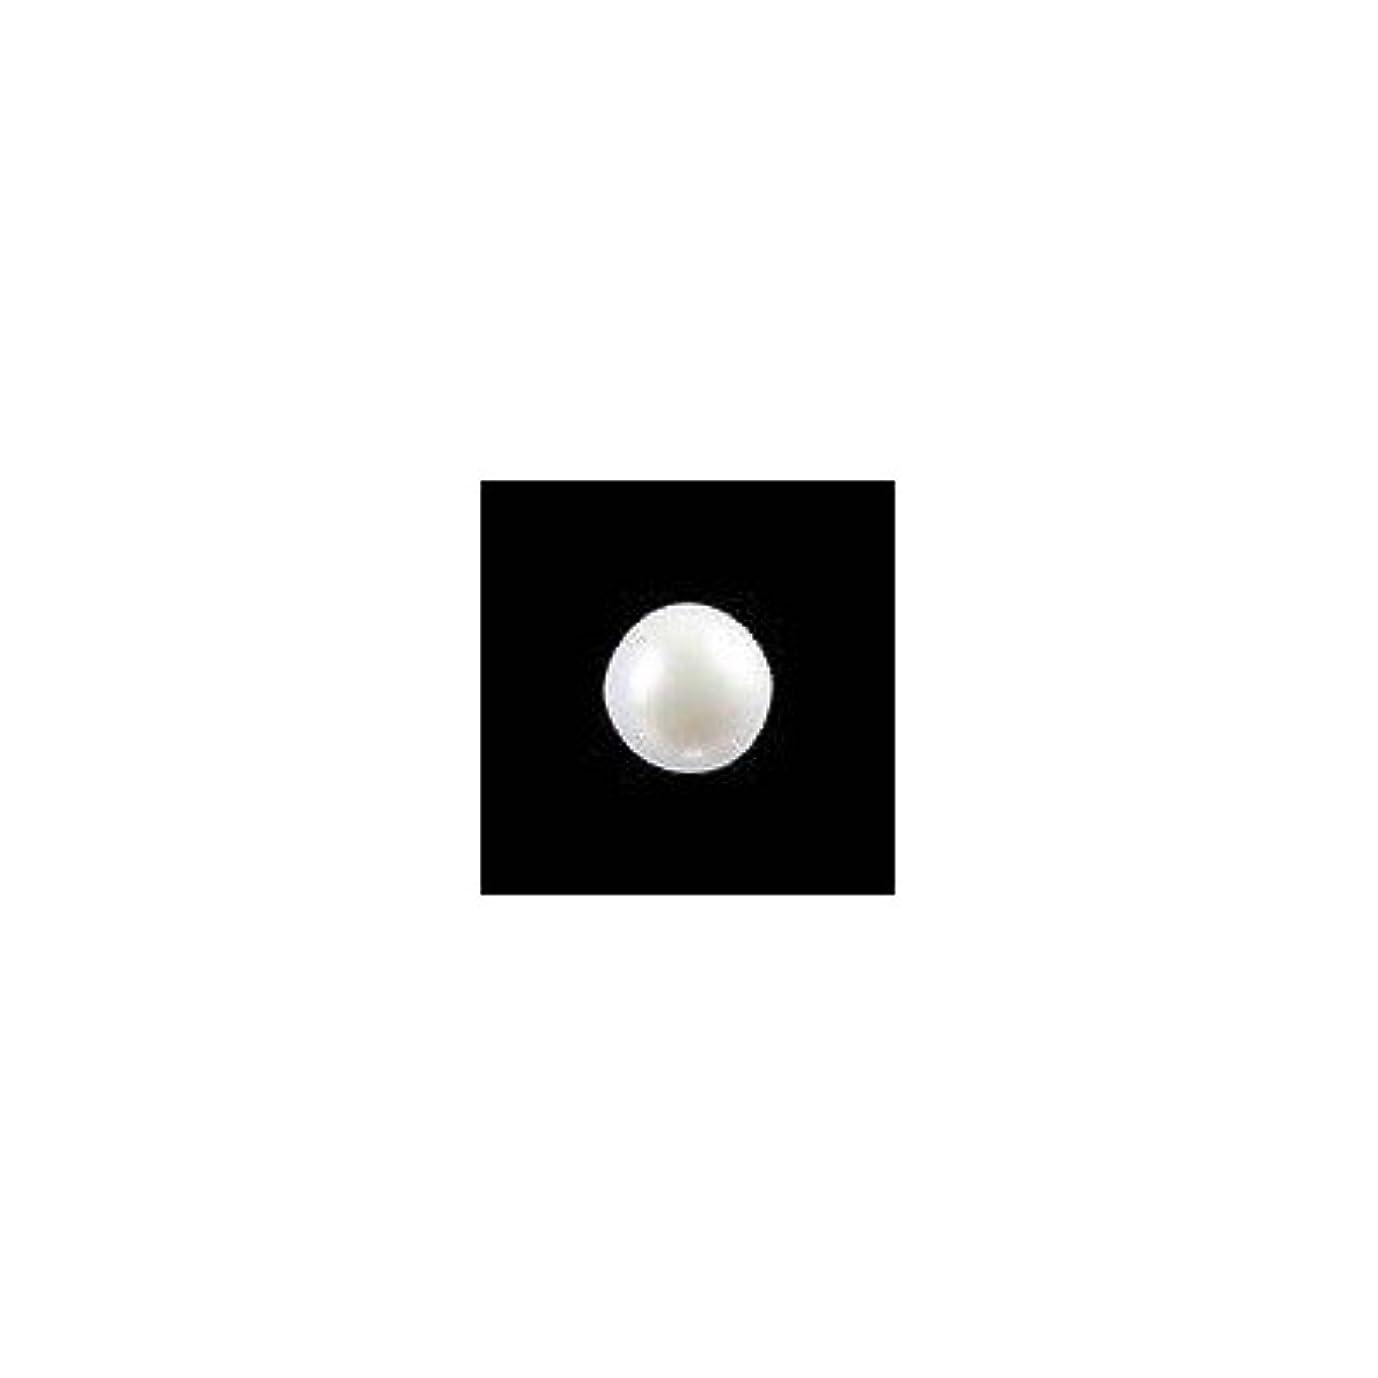 原点傾向がある詐欺師ピアドラ 大粒パール ラウンド(4mm)24P